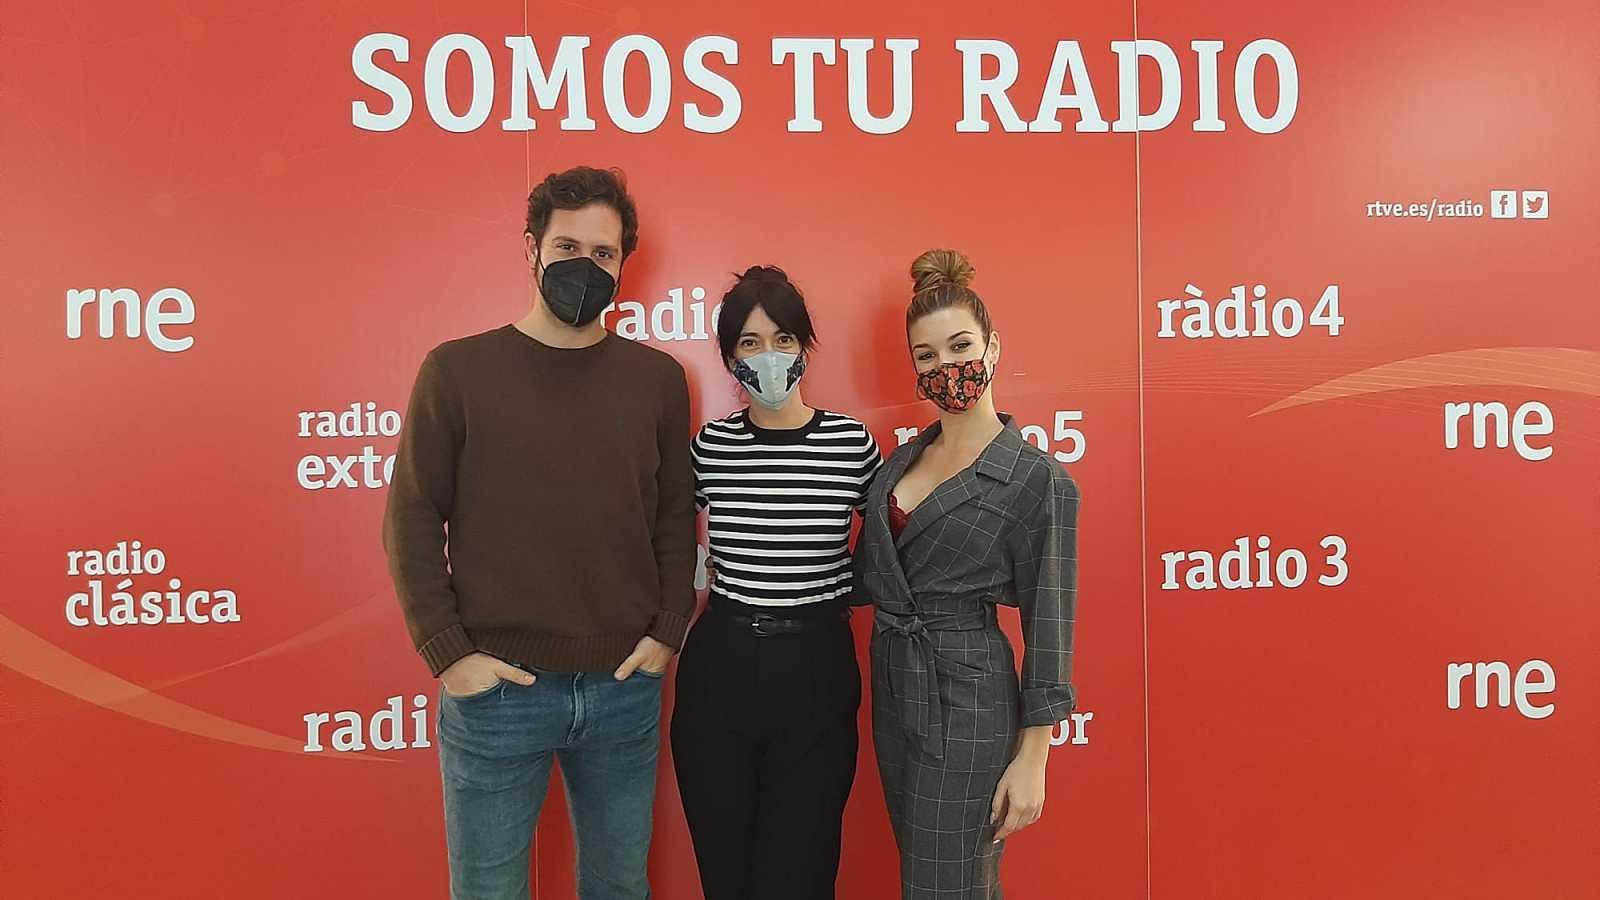 La sala - Estrenamos los monólogos de Inma Cuevas y Emilio Gómez y reunimos a Álex Gadea, Carla Postigo y Carmen Barrantes - 31/01/21 - escuchar ahora